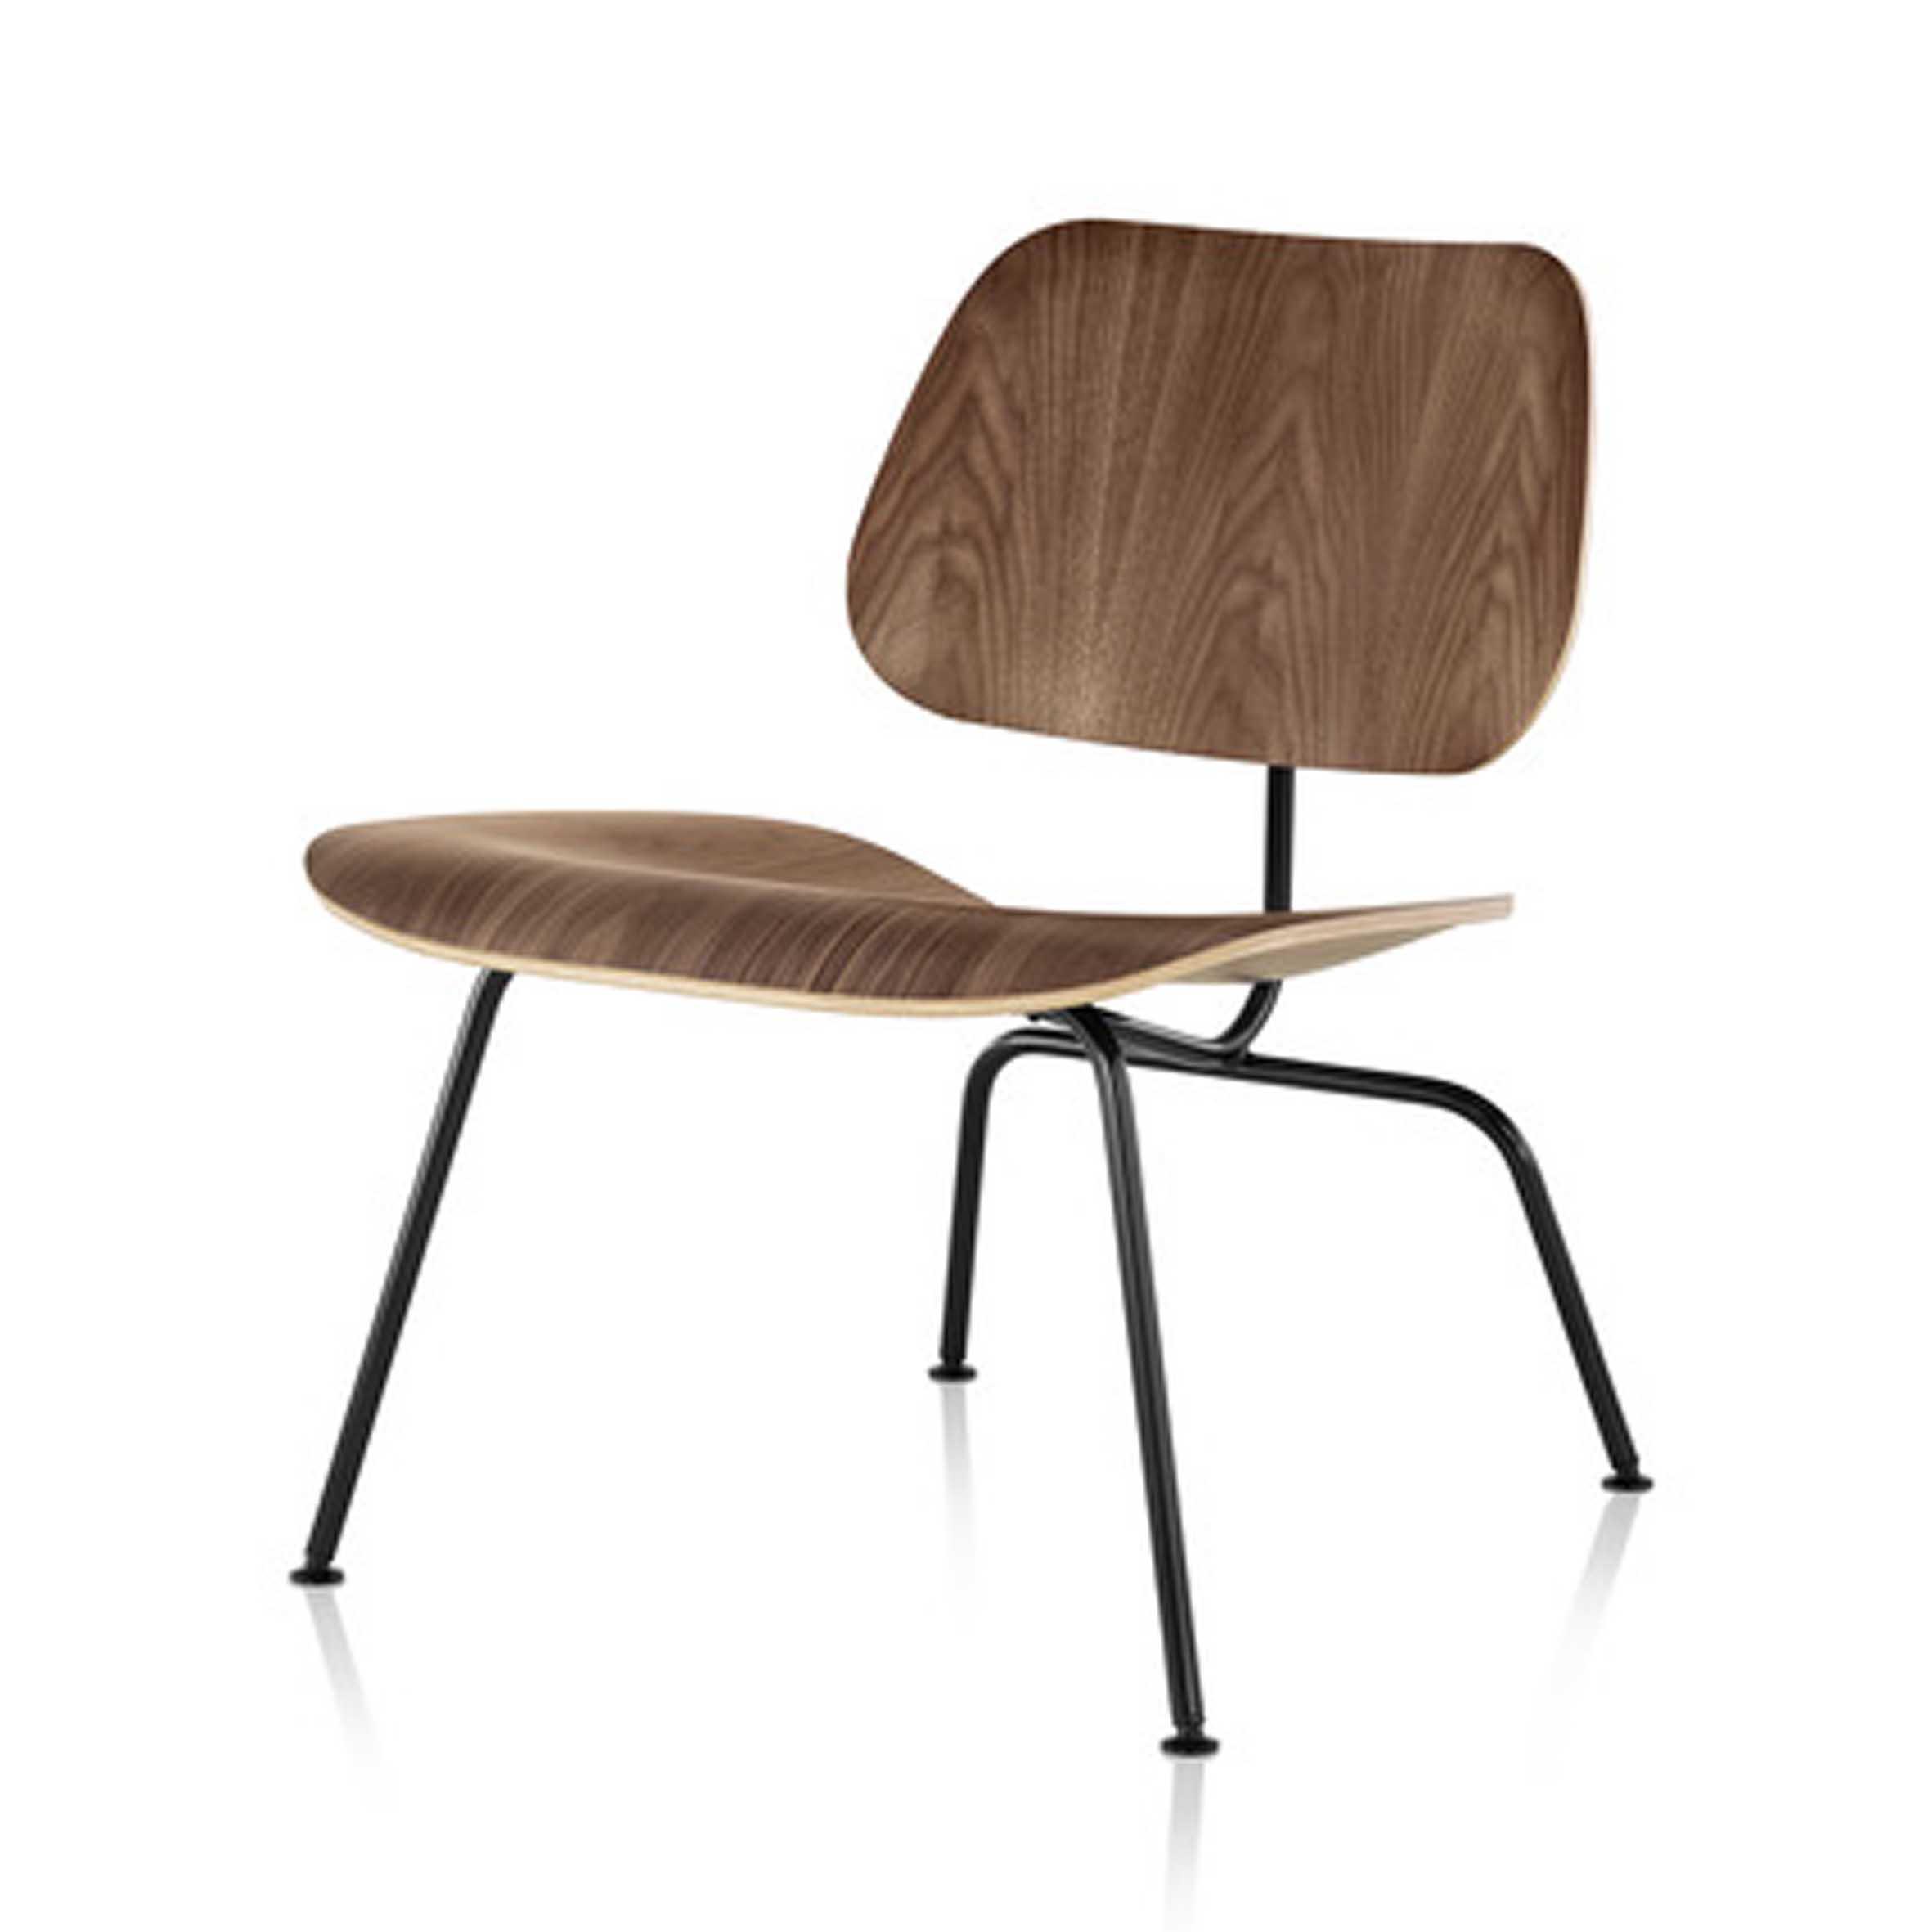 【ハーマンミラー正規販売店】LCM イームズプライウッドチェア Eames Plywood Chair